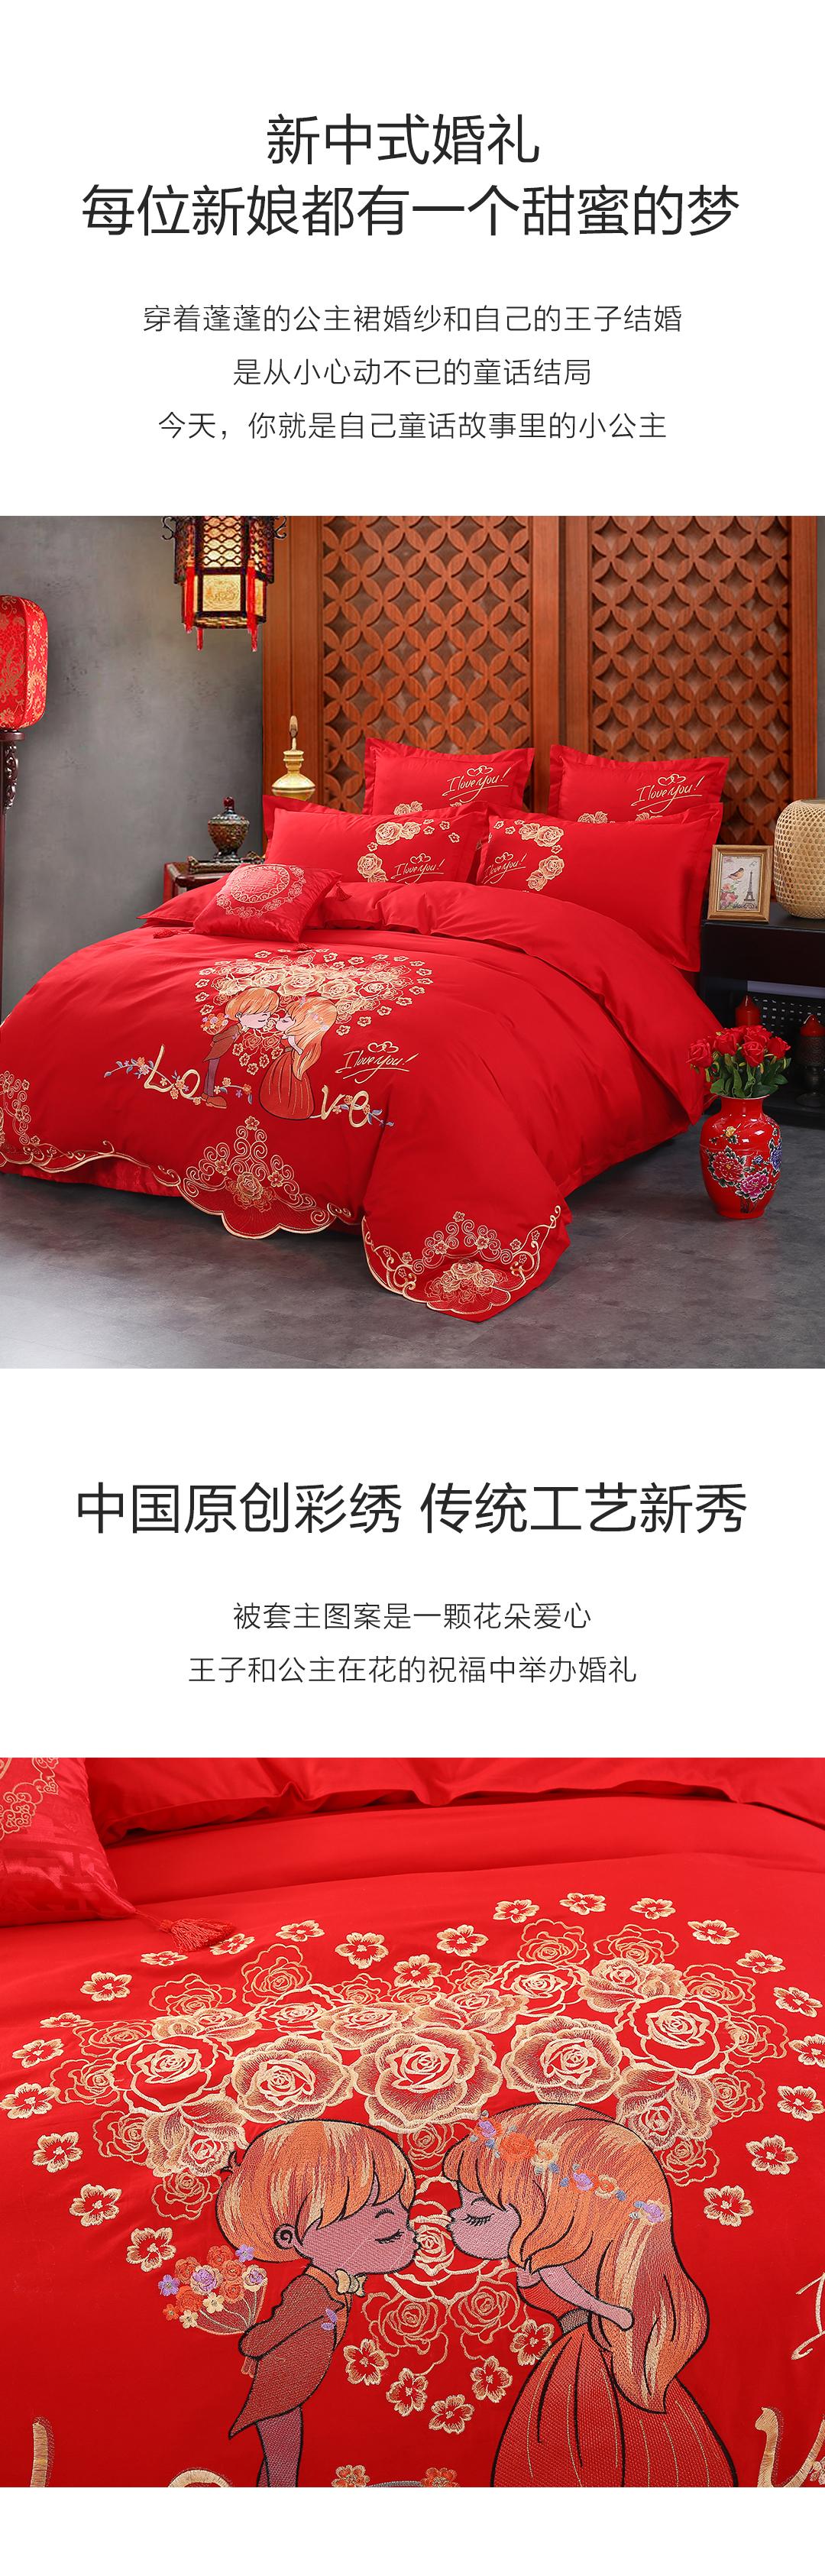 幸福牵手大红色新款婚庆多件套